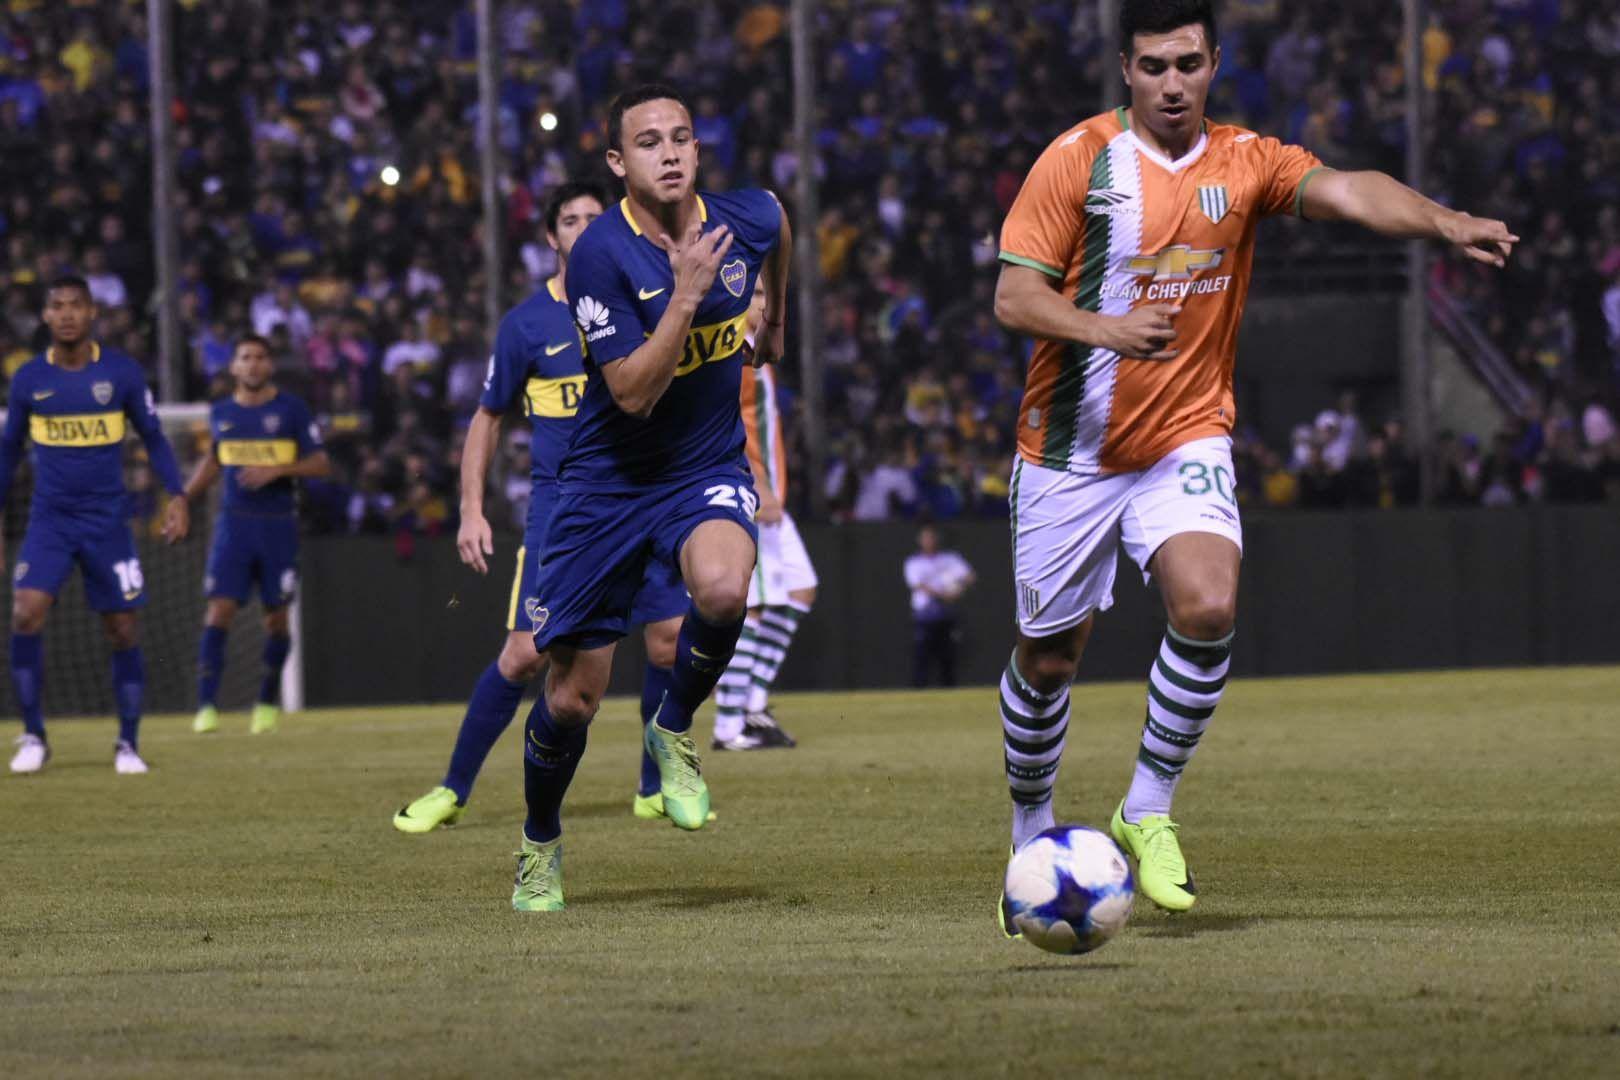 Boca igualó con Banfield y por penales se quedó con la Copa Ciudad de Salta